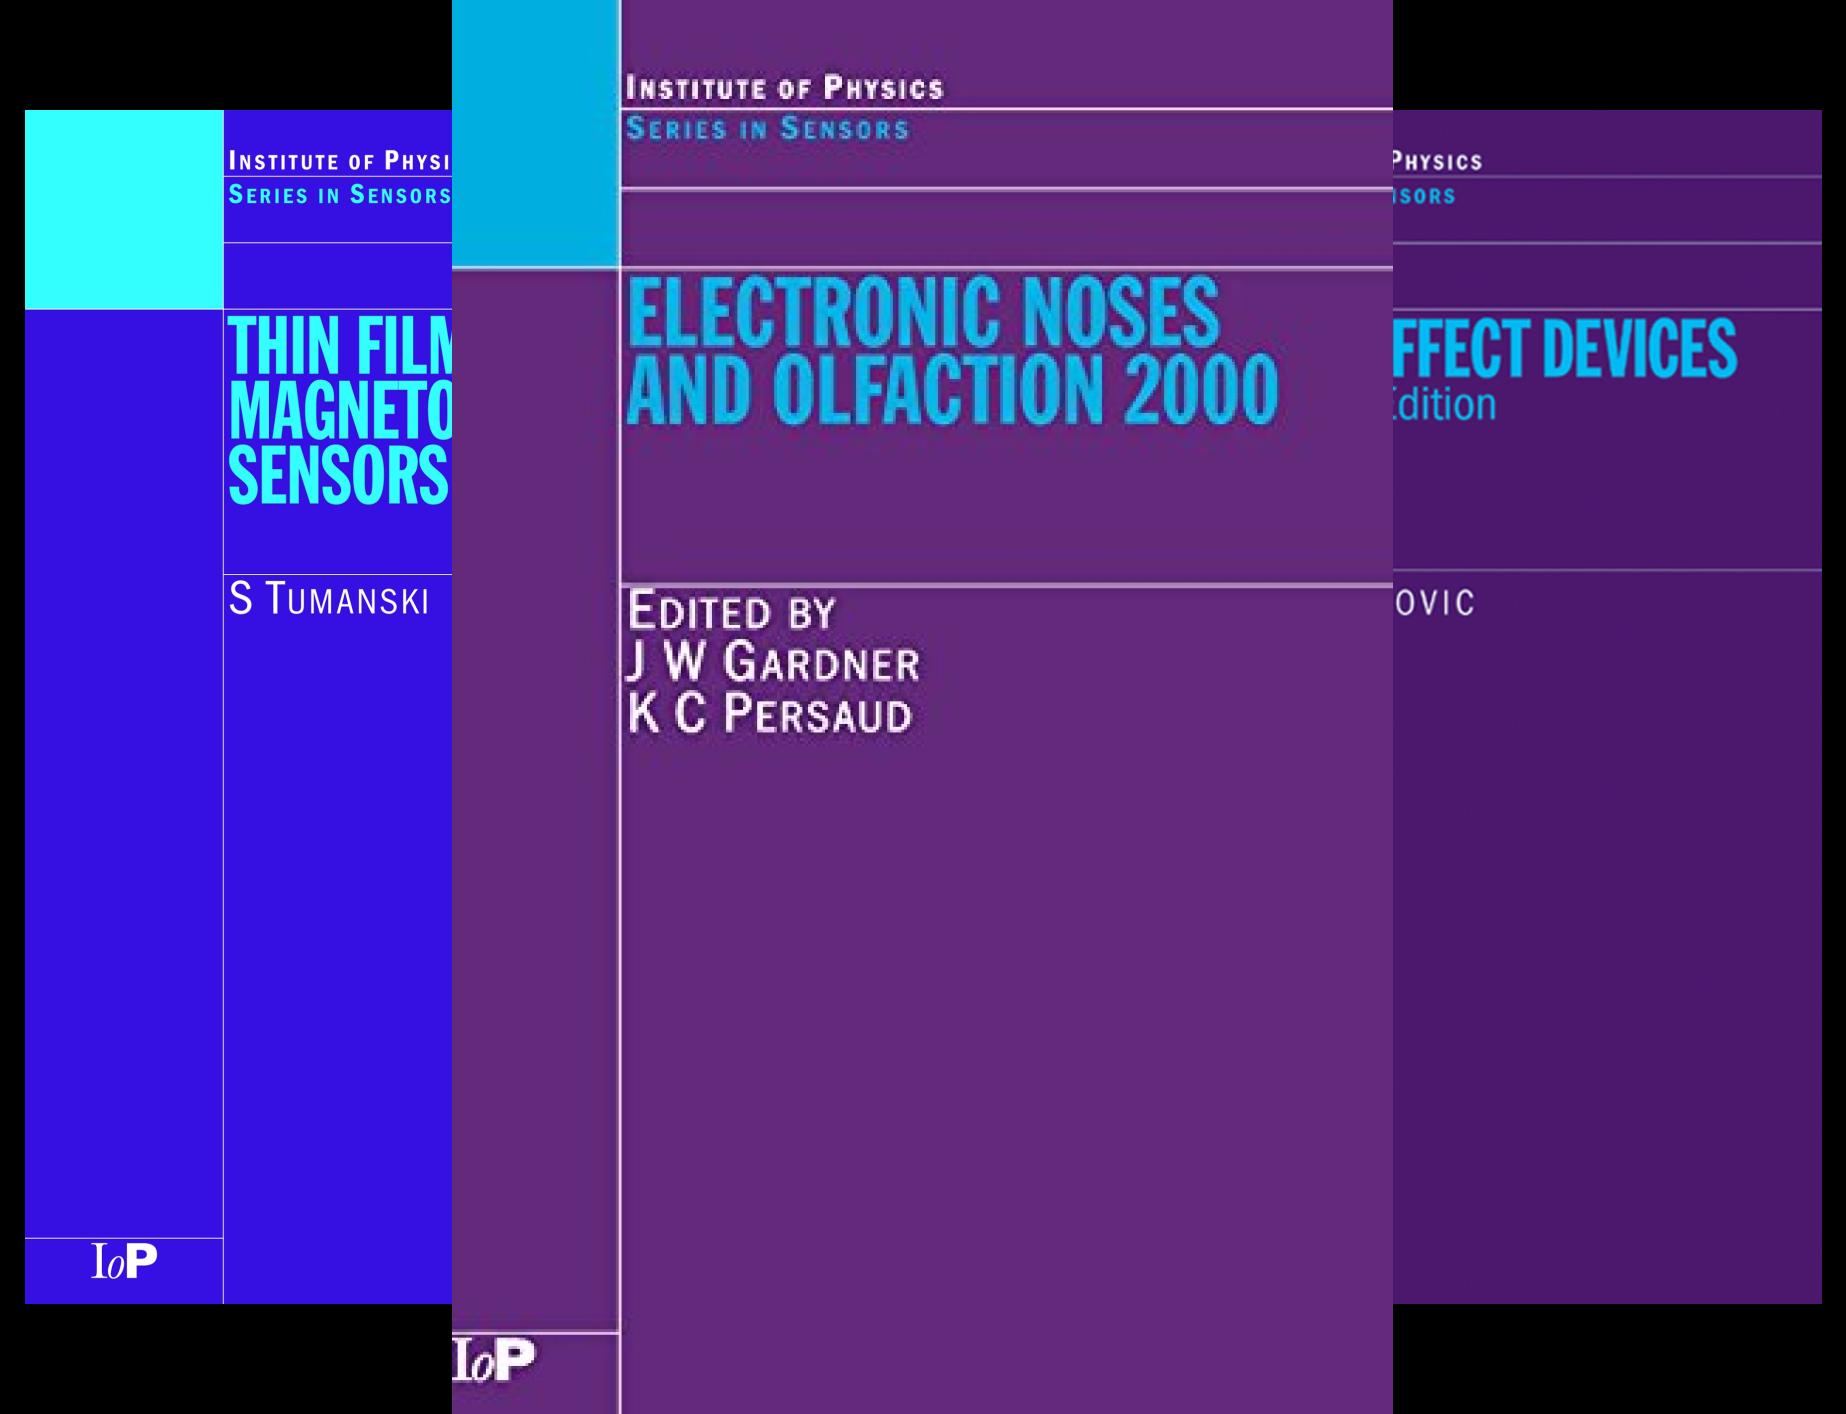 Series in Sensors